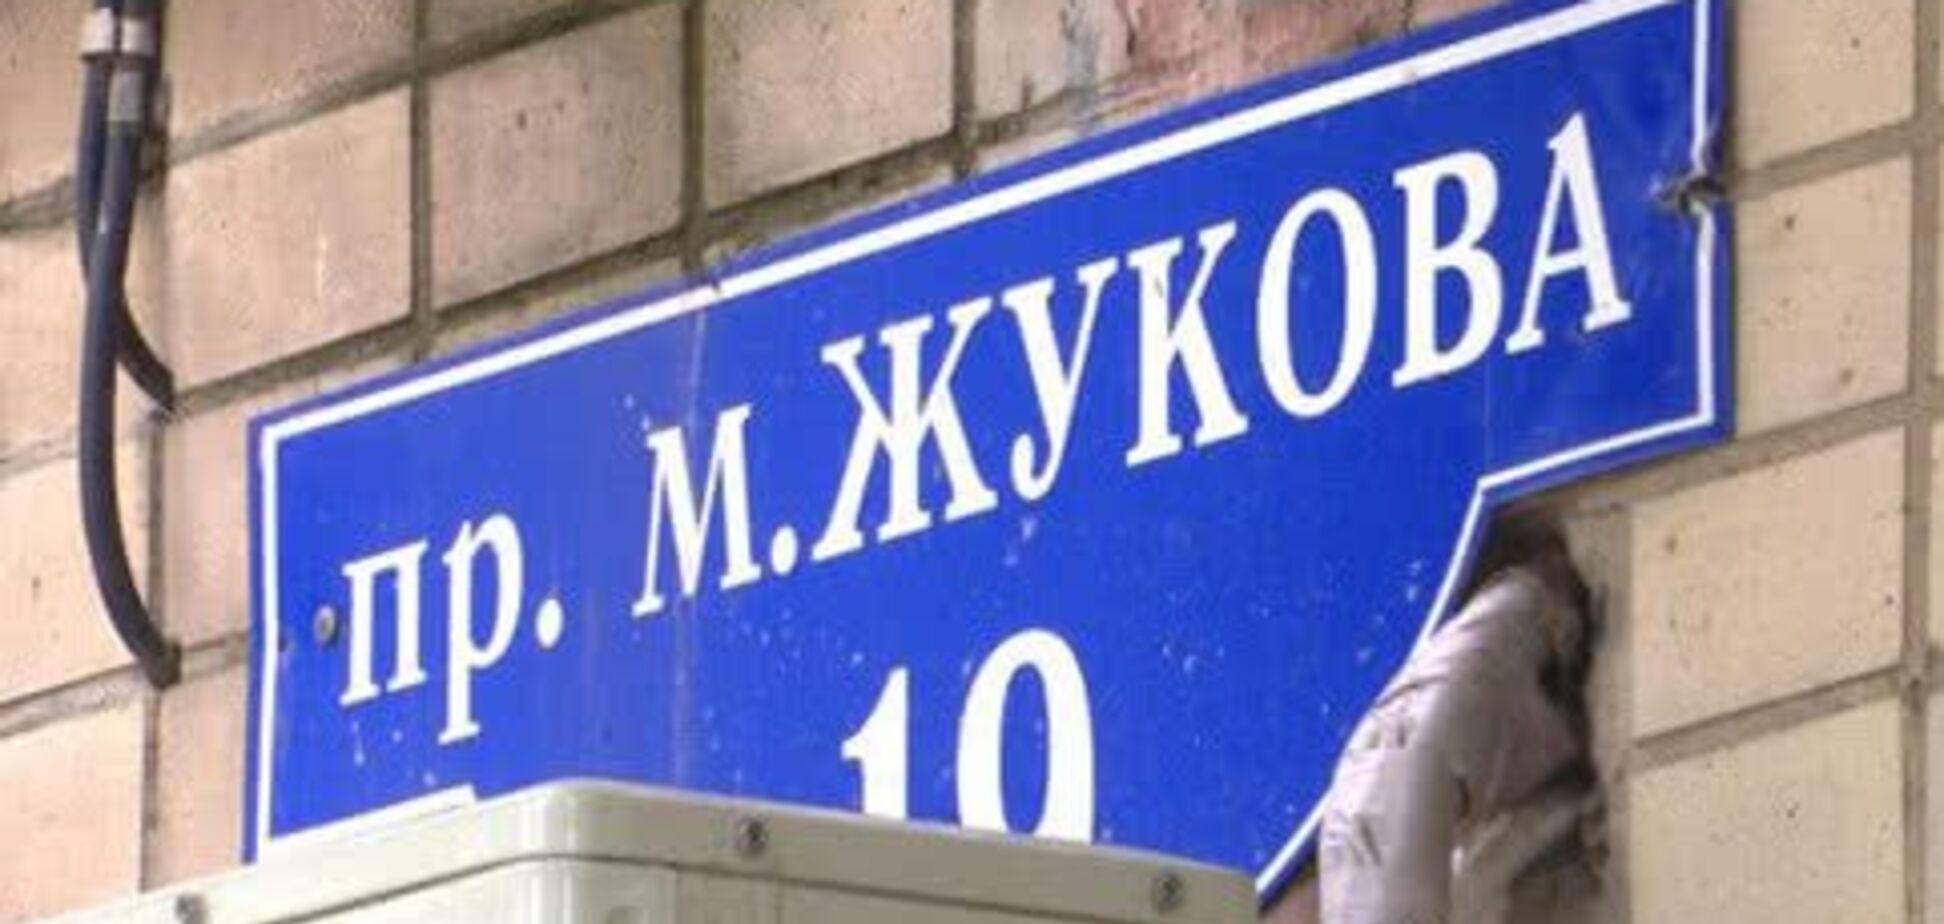 Скандал навколо проспекту Жукова в Харкові: суд поставив крапку